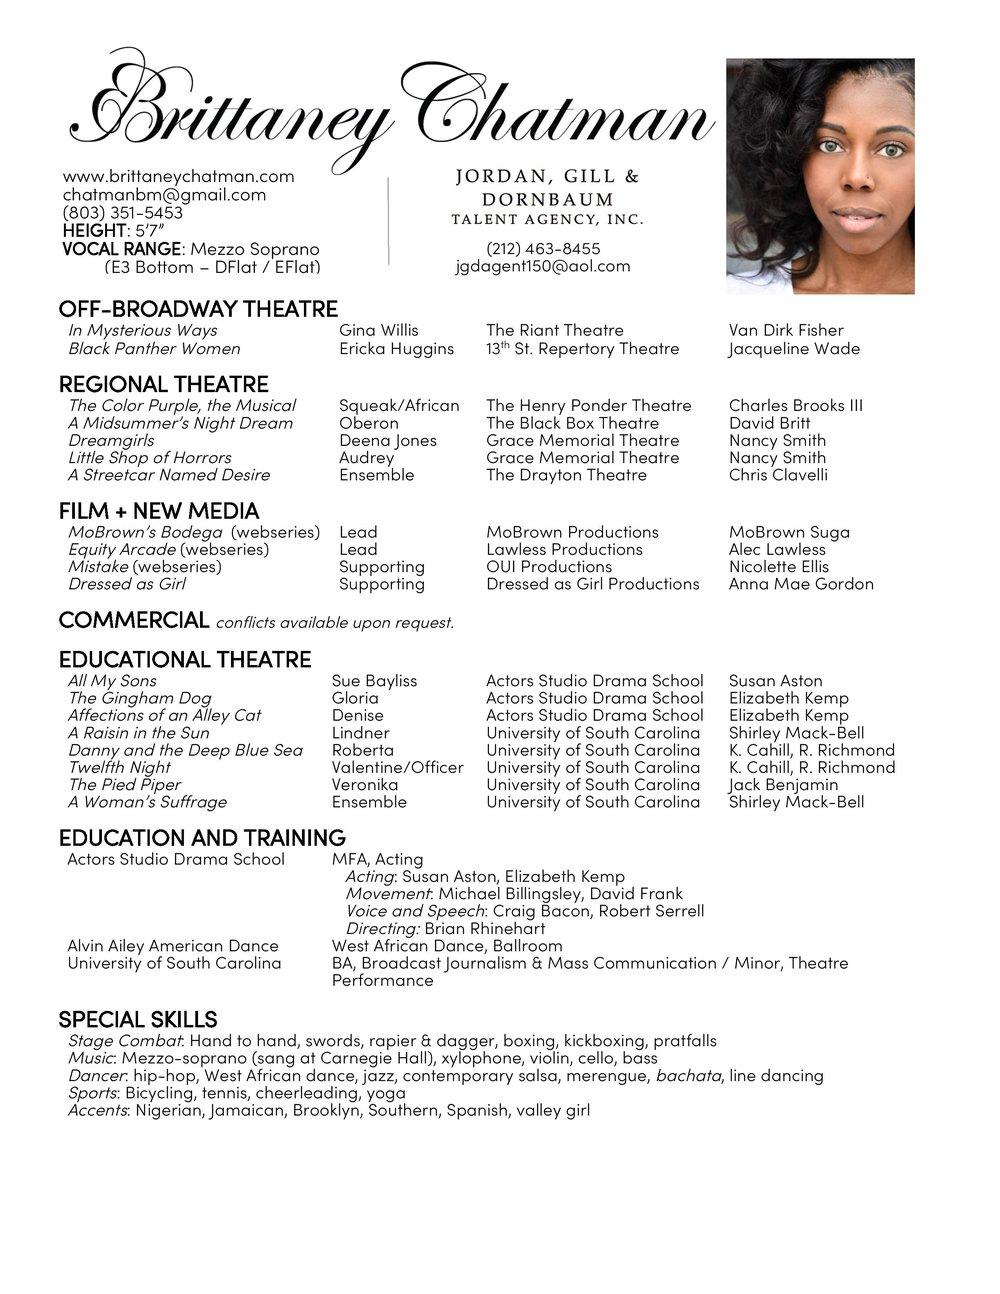 Resume+-+Brittaney+Chatman-page-001+(2).jpg